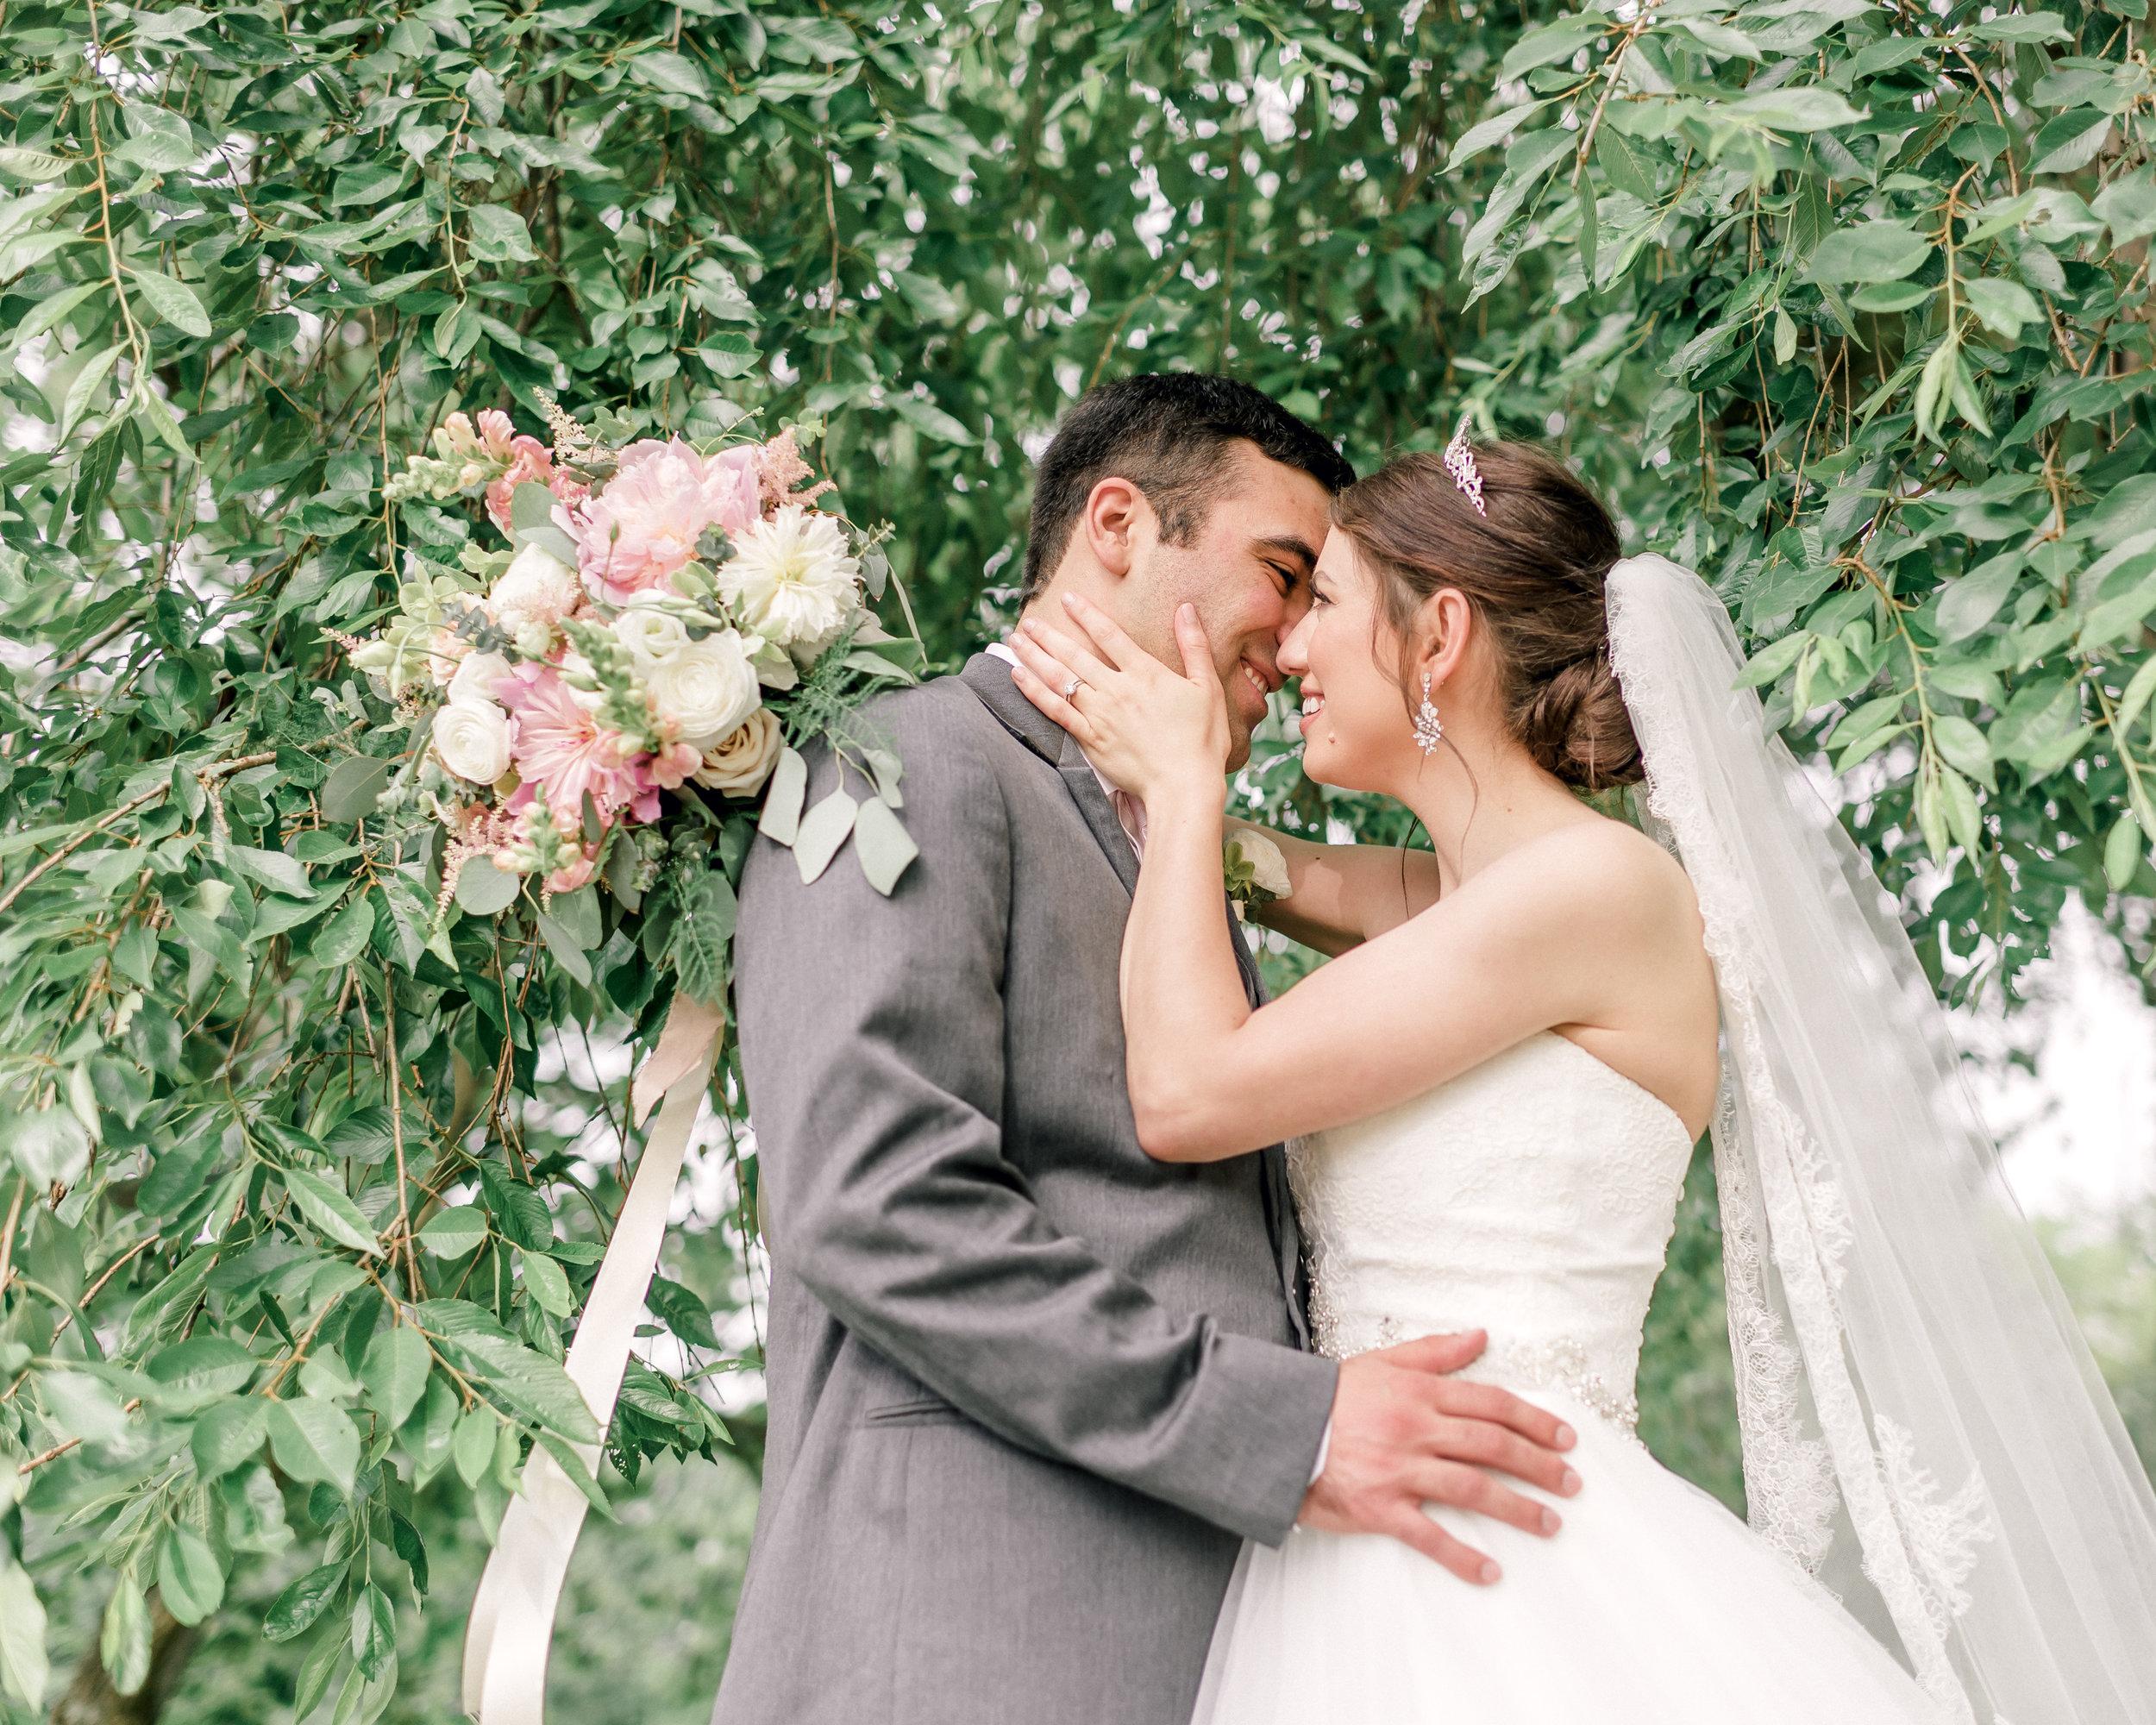 pittsburgh-wedding-photographer-hartwood-acres-0048.jpg